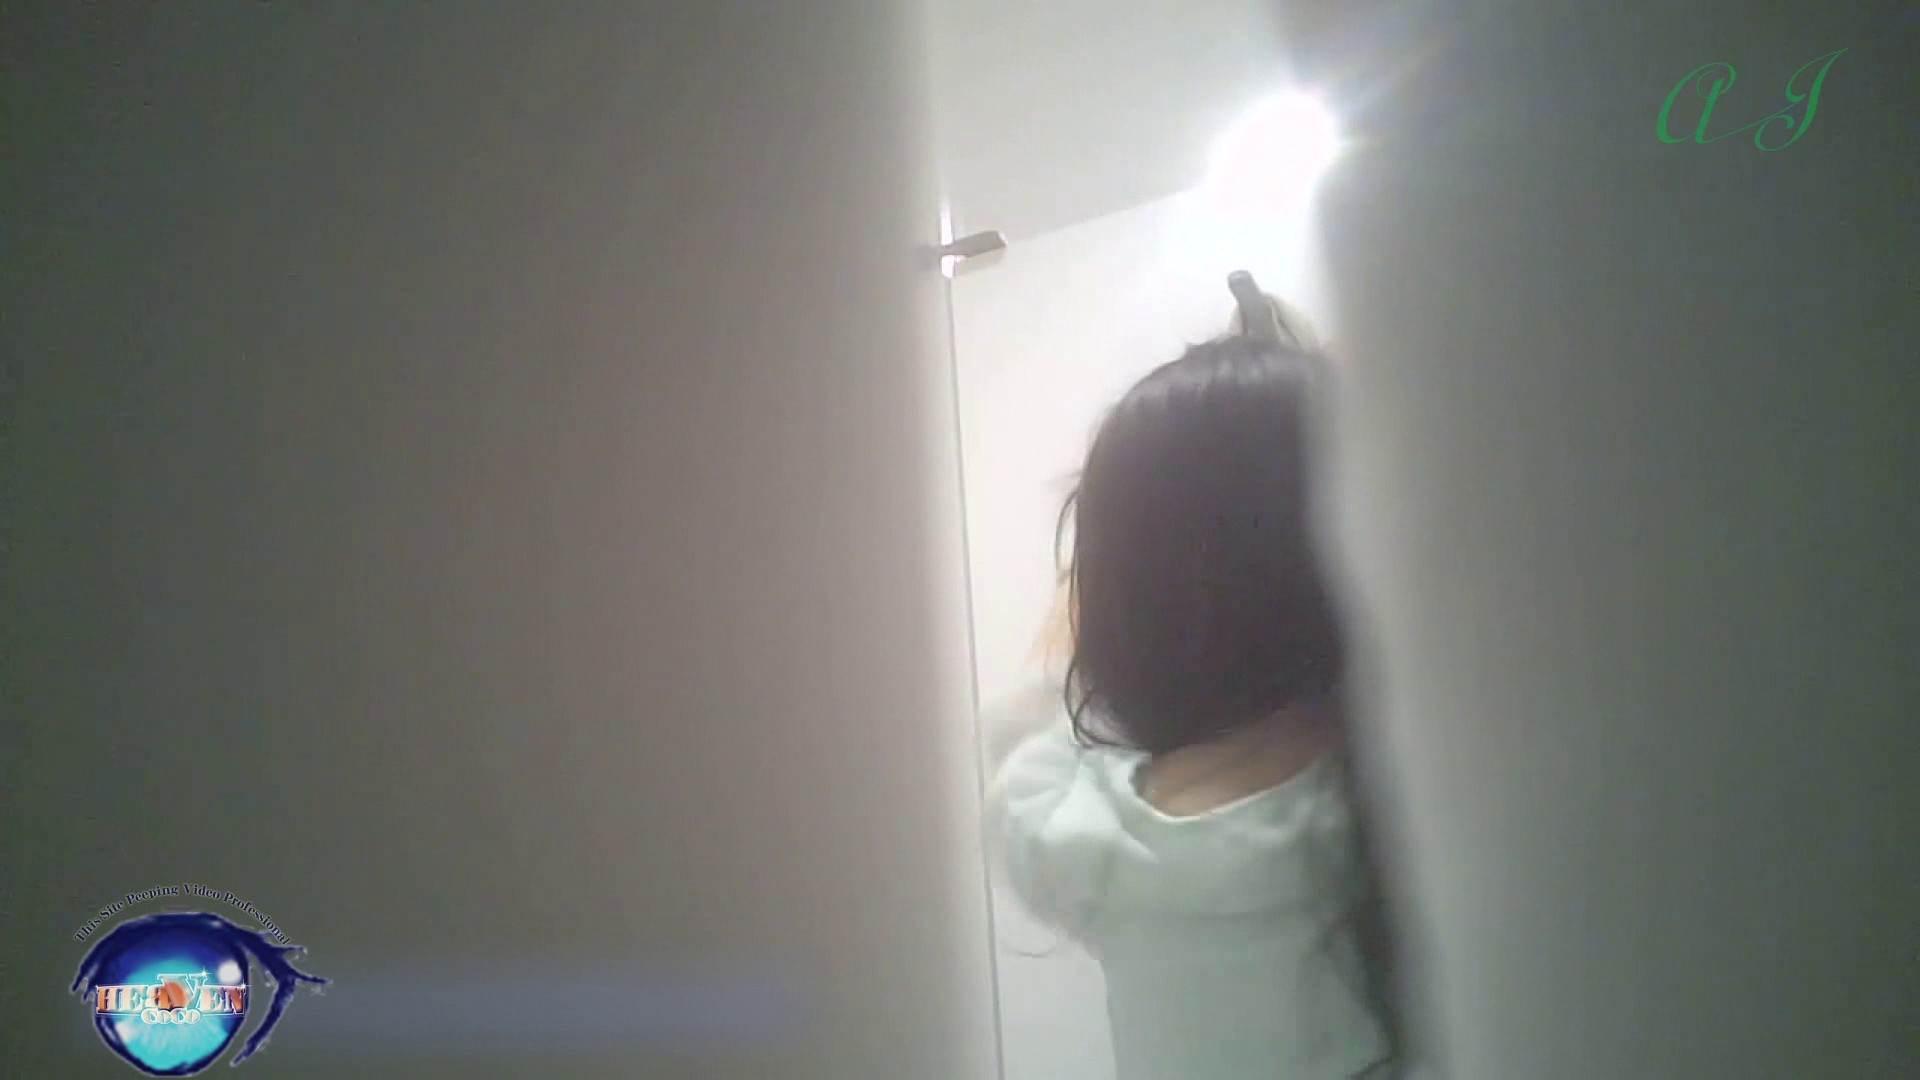 有名大学女性洗面所 vol.71 美女学生さんの潜入盗撮!前編 0 | 0  93連発 77